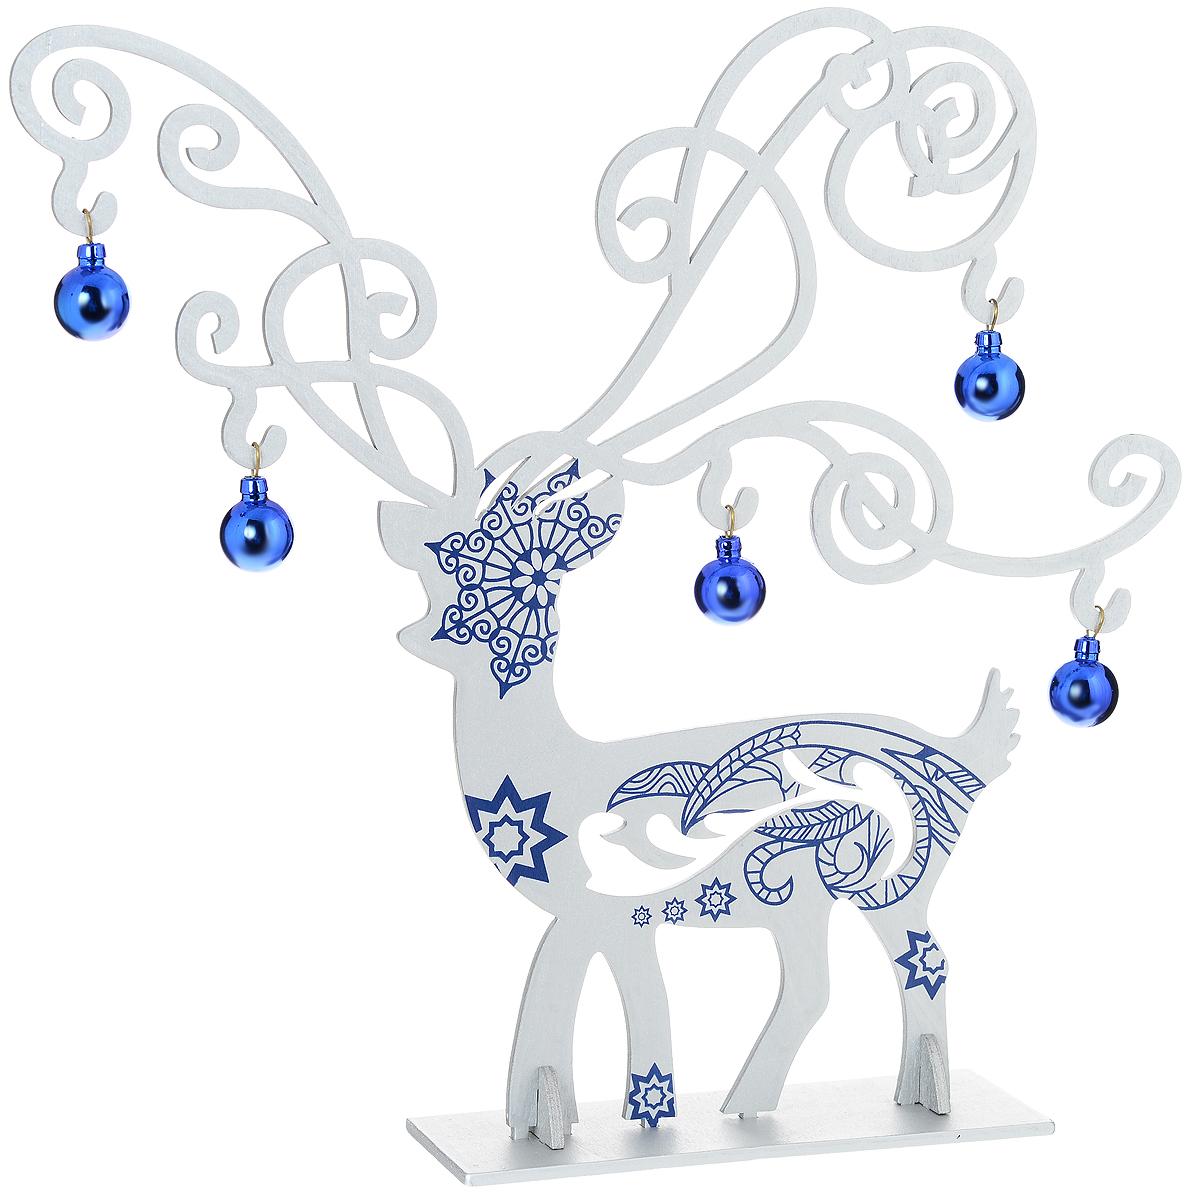 Украшение новогоднее Серебряный олень. 3527935279Оригинальное сборное новогоднее украшение Серебряный олень выполнено из древесины тополя в виде серебристого оленя, декорированного синими узорами. Олень помещается на одну основную и две вспомогательные подставки. Синие шары можно повесить на его красивые ветвистые рога. Это украшение может занять достойное место в вашем доме в праздничные дни. Новогодние украшения приносят в дом волшебство и ощущение праздника. Создайте в своем доме атмосферу веселья и радости, украшая всей семьей новогоднюю елку нарядными игрушками, которые будут из года в год накапливать теплоту воспоминаний.Коллекция декоративных украшений из серии Magic Time принесет в ваш дом ни с чем несравнимое ощущение волшебства!Комплектация: - украшение Серебряныйолень (1 шт.), - синие шары (5 шт.), - основная подставка (1 шт.), - вспомогательные подставки (2 шт.).Размер оленя: 28 см х 30 см х 0,5 см. Размер подставки: 13,5 см х 6 см х 0,5 см. Диаметр шаров: 2 см.